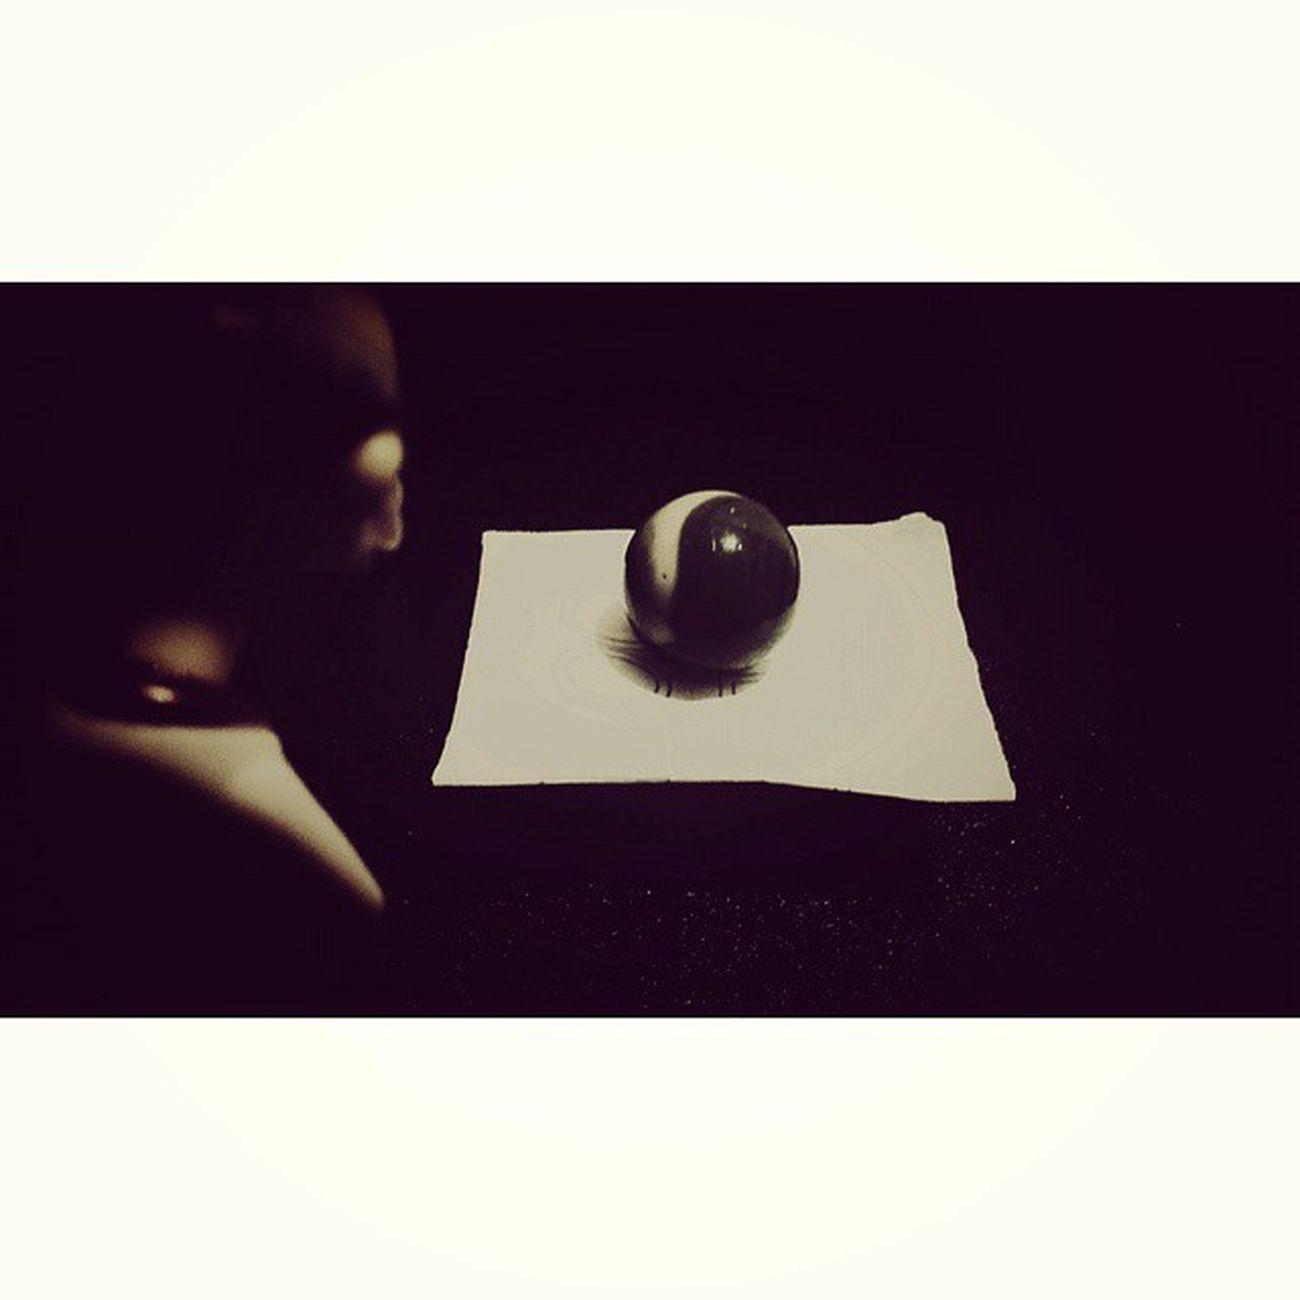 La esfera oscura (1) Ahora será mejor que nos encarguemos de la esfera- dijo el profesor dirigiéndose hacia la habitación donde se encontraba el malévolo artefacto, estaba decidido a destruir ésa aberración del diablo. Allí estaba, resplandeciendo entre una danza de luces y sombras, realmente era una visión preciosa, pero ya no tenía ese hipnótico poder, incluso parecía que su luz fuera más débil. Gris se la quedó observando en silencio durante un instante, todas esas luces dando vueltas dentro de la bola negra creando un sensual movimiento del que los ojos no se desprendían. Cuando le pareció que ya la había admirado bastante hizo unos pasos en su dirección para cogerla y observarla más de cerca. Yo de tú no haría eso- sonó la voz femenina desde atrás de la estancia, todos se giraron hacia allí encontrándose con una inesperada sorpresa, Evelin, la heroína de penetrante visión, sostenía en sus manos una pistola apuntándola hacia ellos -apartaos poco a poco de la esfera, venga, todos a la derecha cómo niños buenos obedeciendo a mamá y no movais ni un pelo. Freewords_freepic Foto_relato Relato MicroRelato microcuento